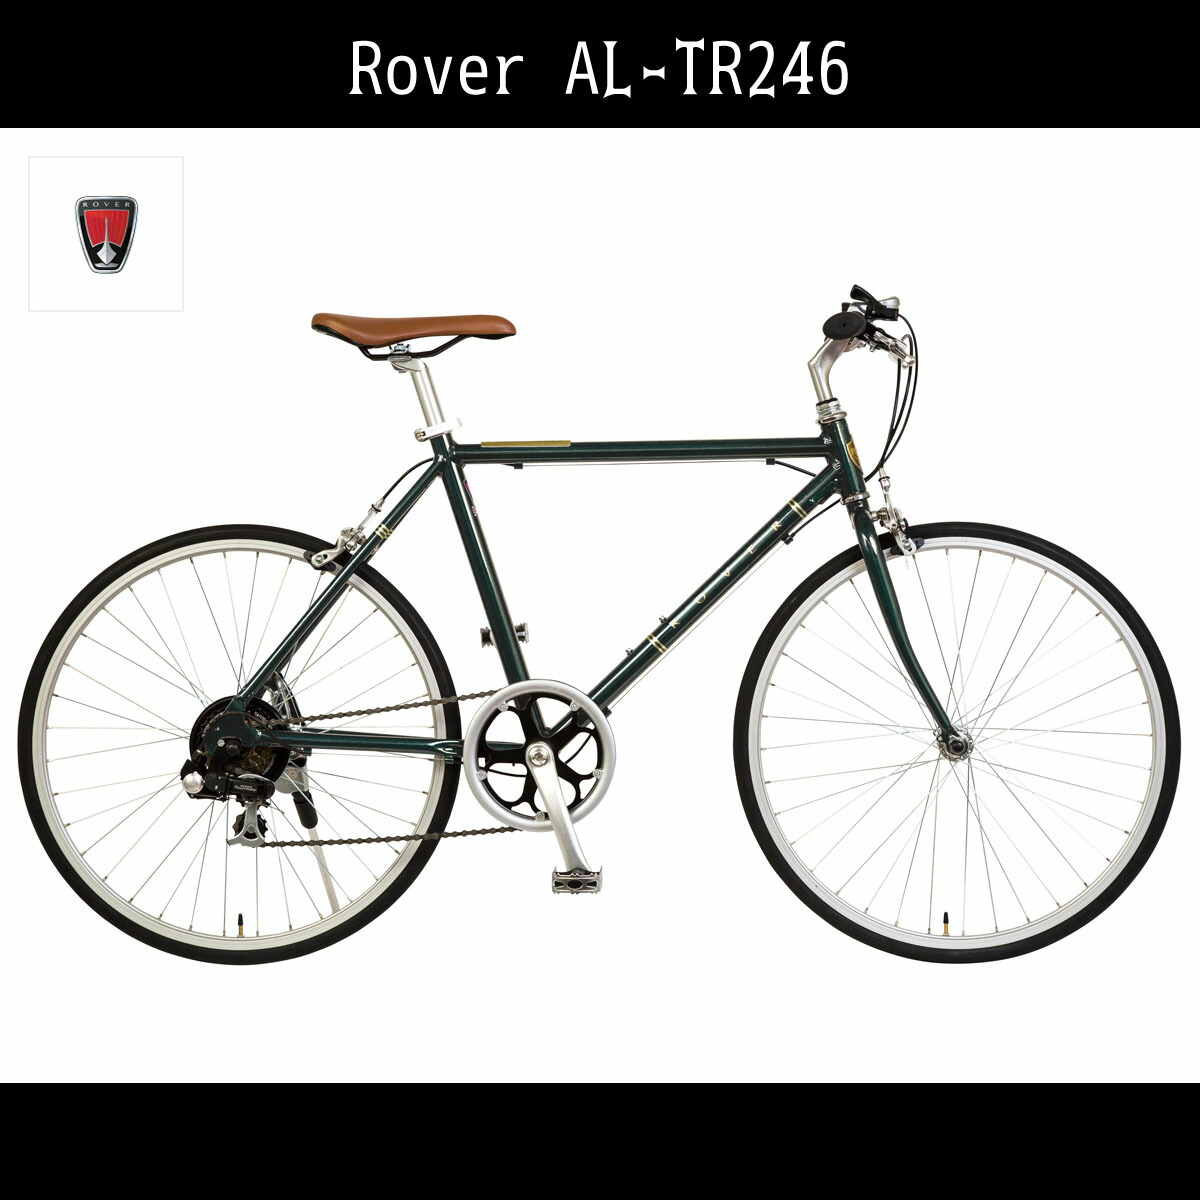 ロードバイク Rover ローバー 自転車 グリーン/緑 24インチ 自転車 外装6段変速ギア 軽量アルミ ロードバイク ローバー AL-TR246